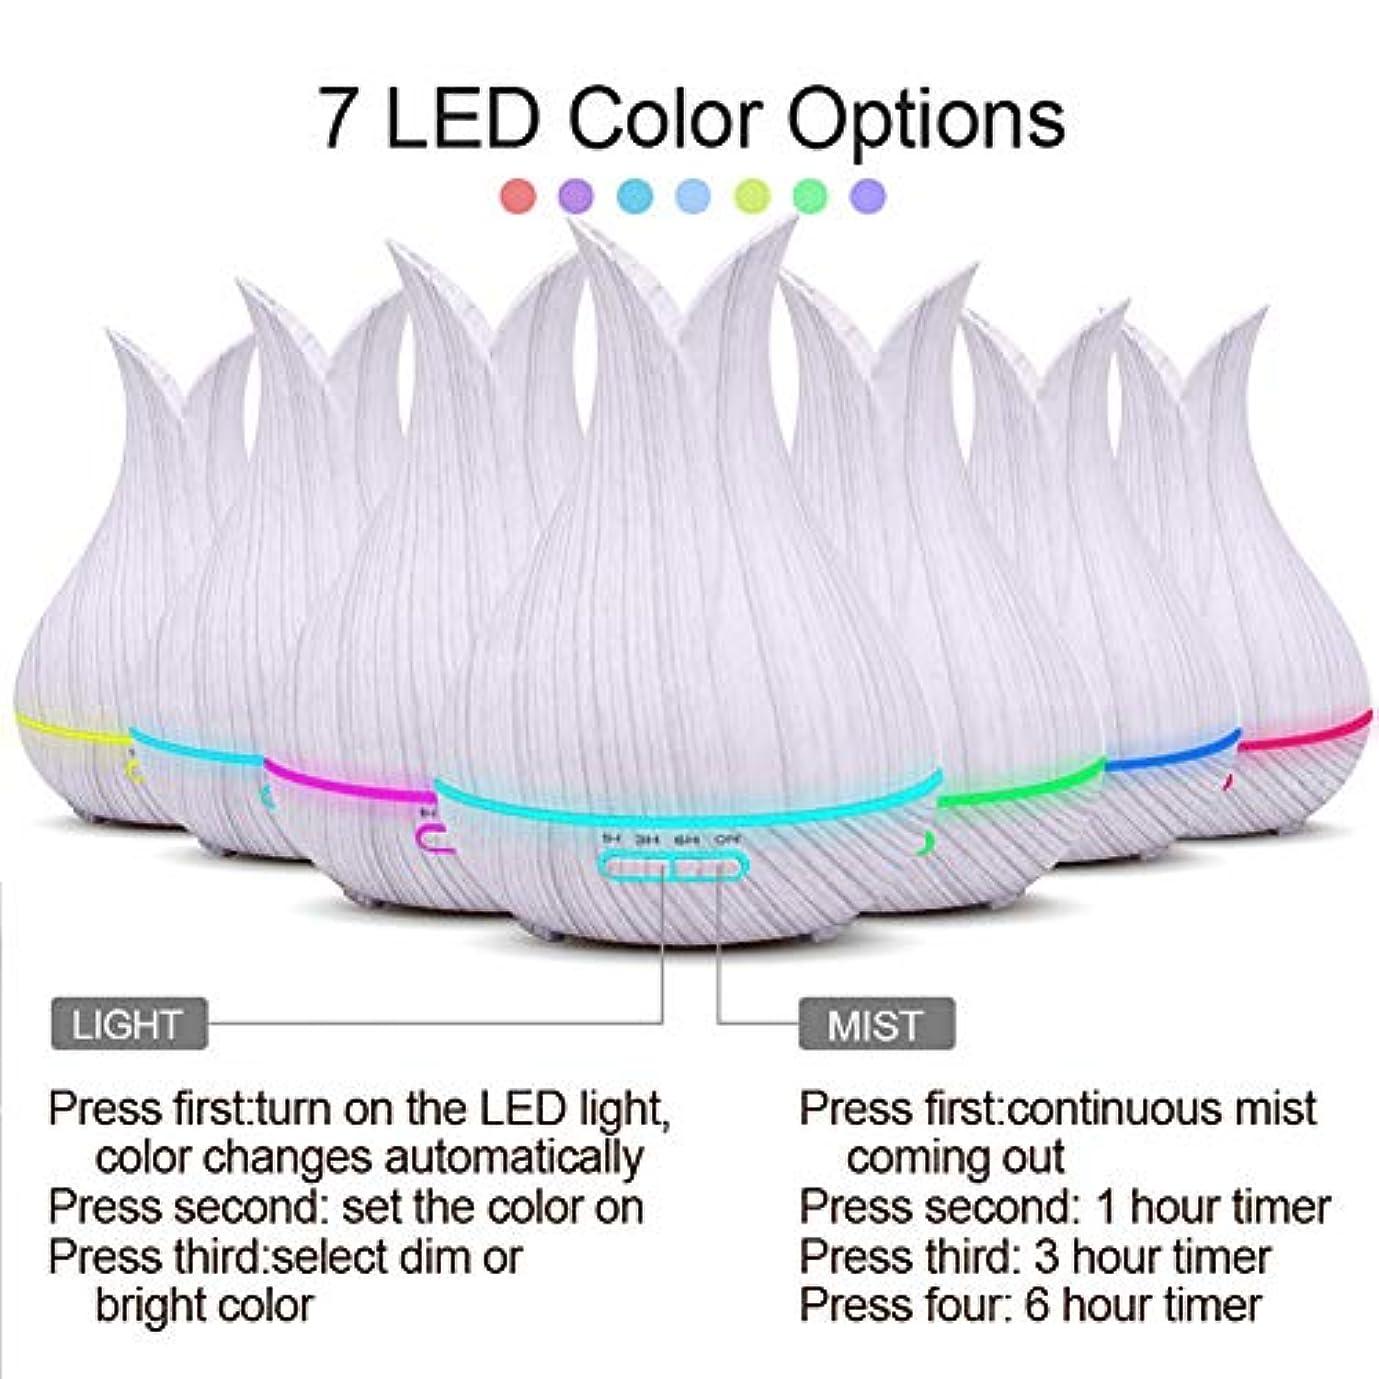 上院悪性オーナーエッセンシャルオイルディフューザーと加湿器、ミストエッセンシャルオイルアロマ加湿器のための超音波アロマセラピーディフューザー、400ミリリットル水タンク7色LEDライト,White